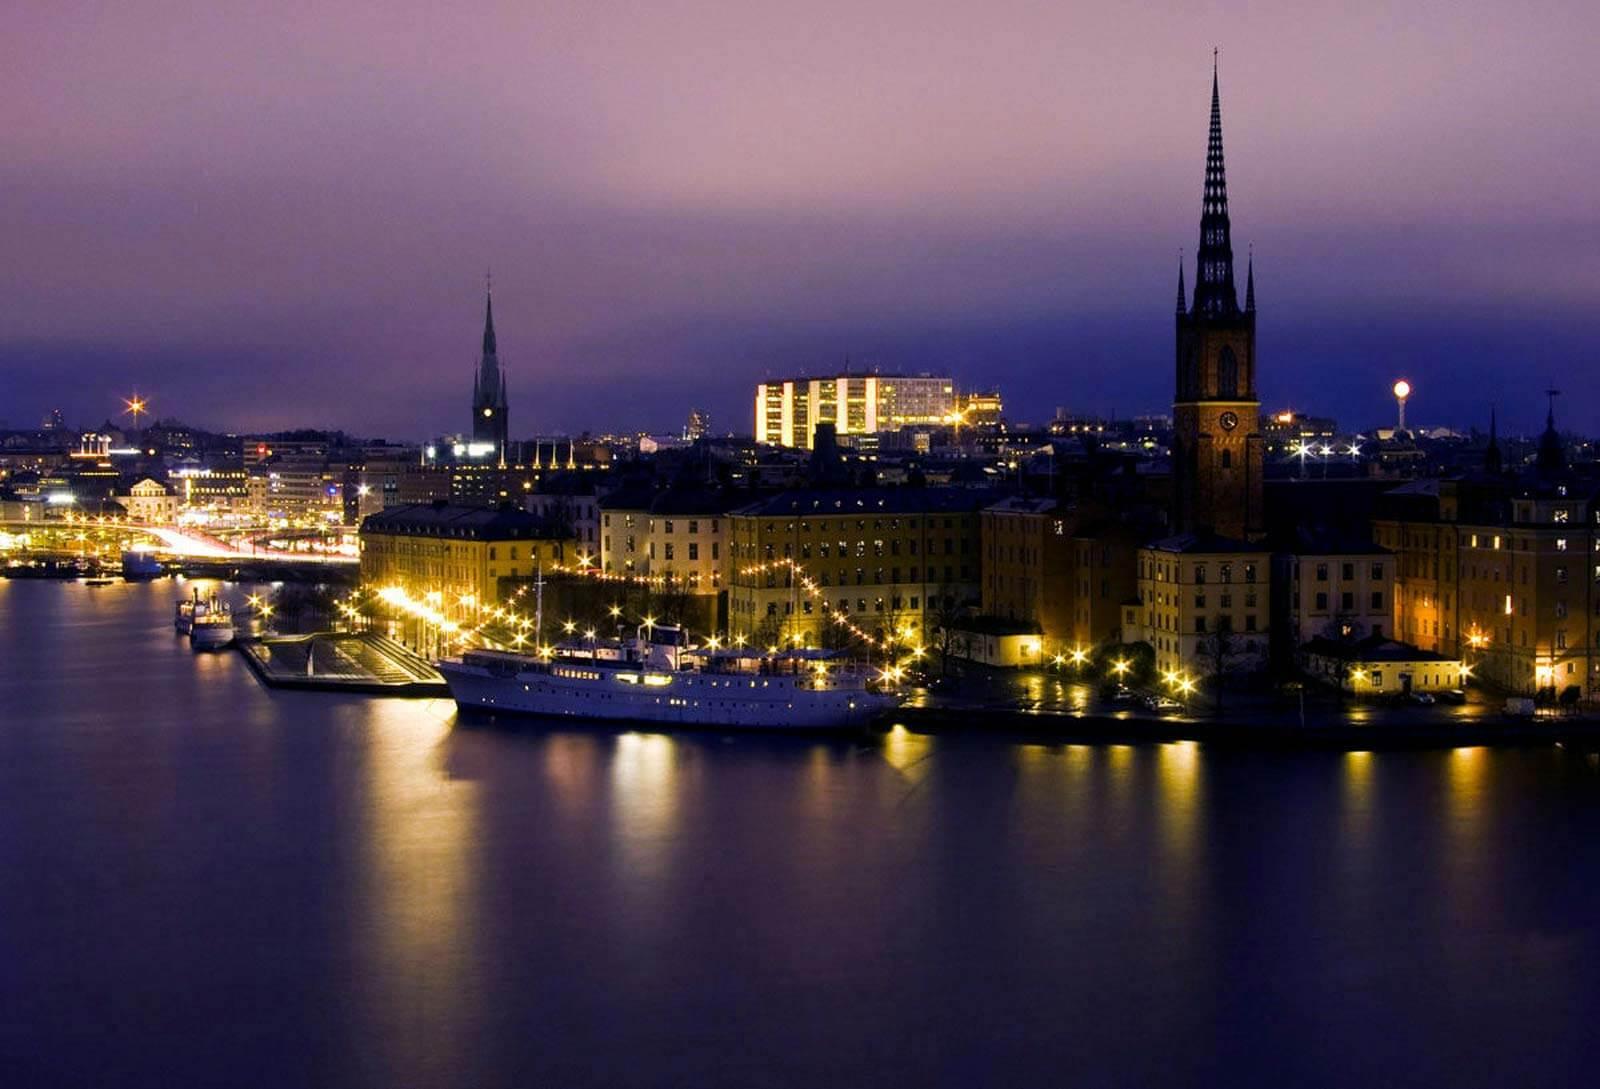 Φθηνές πτήσεις προς Στοκχόλμη